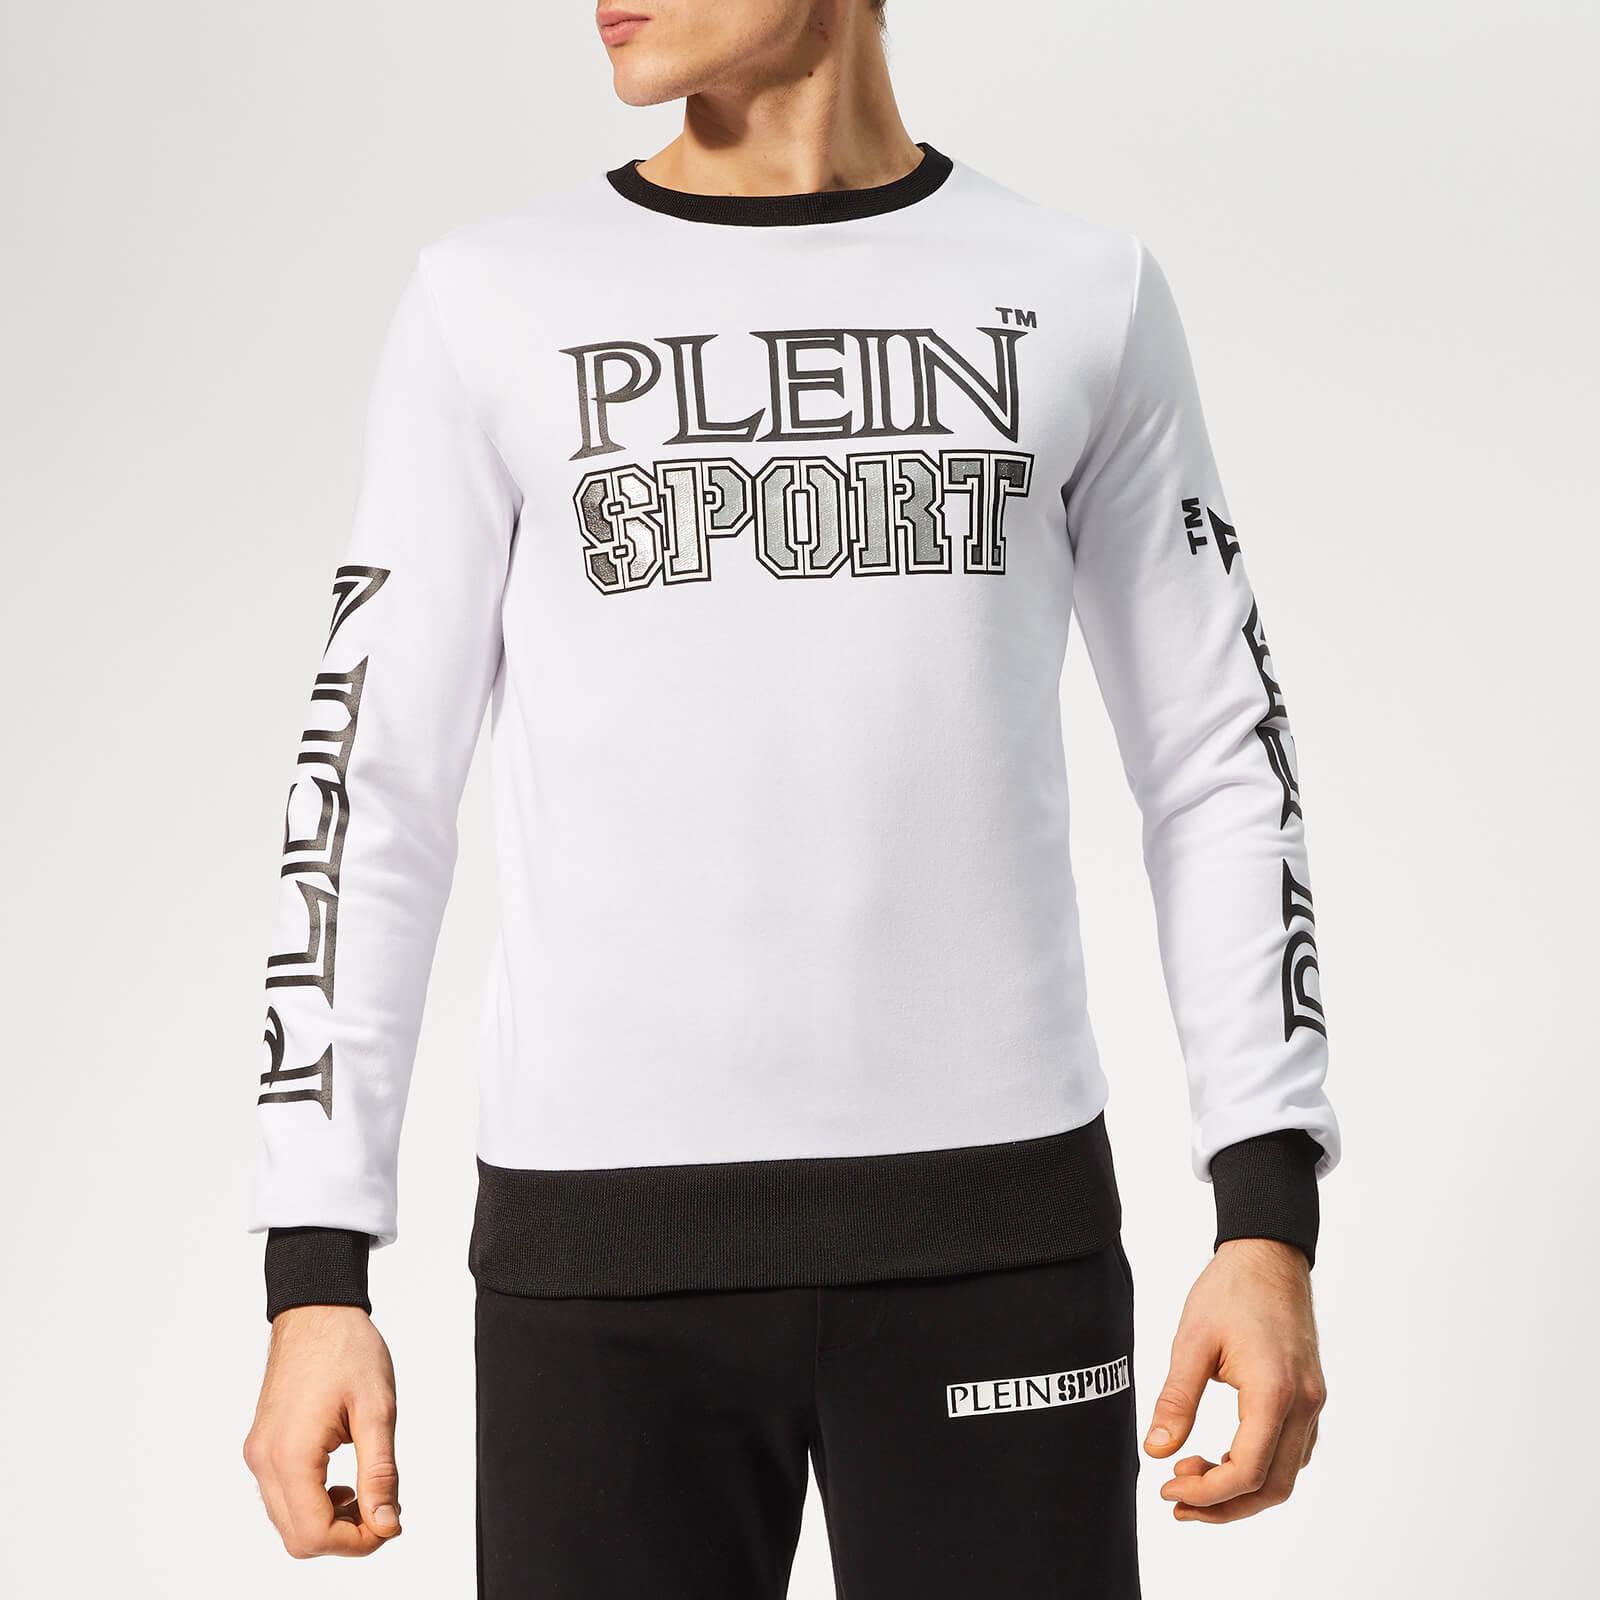 Plein Sport Men's Statement Sweatshirt - White/Silver - XXL - White/Silver